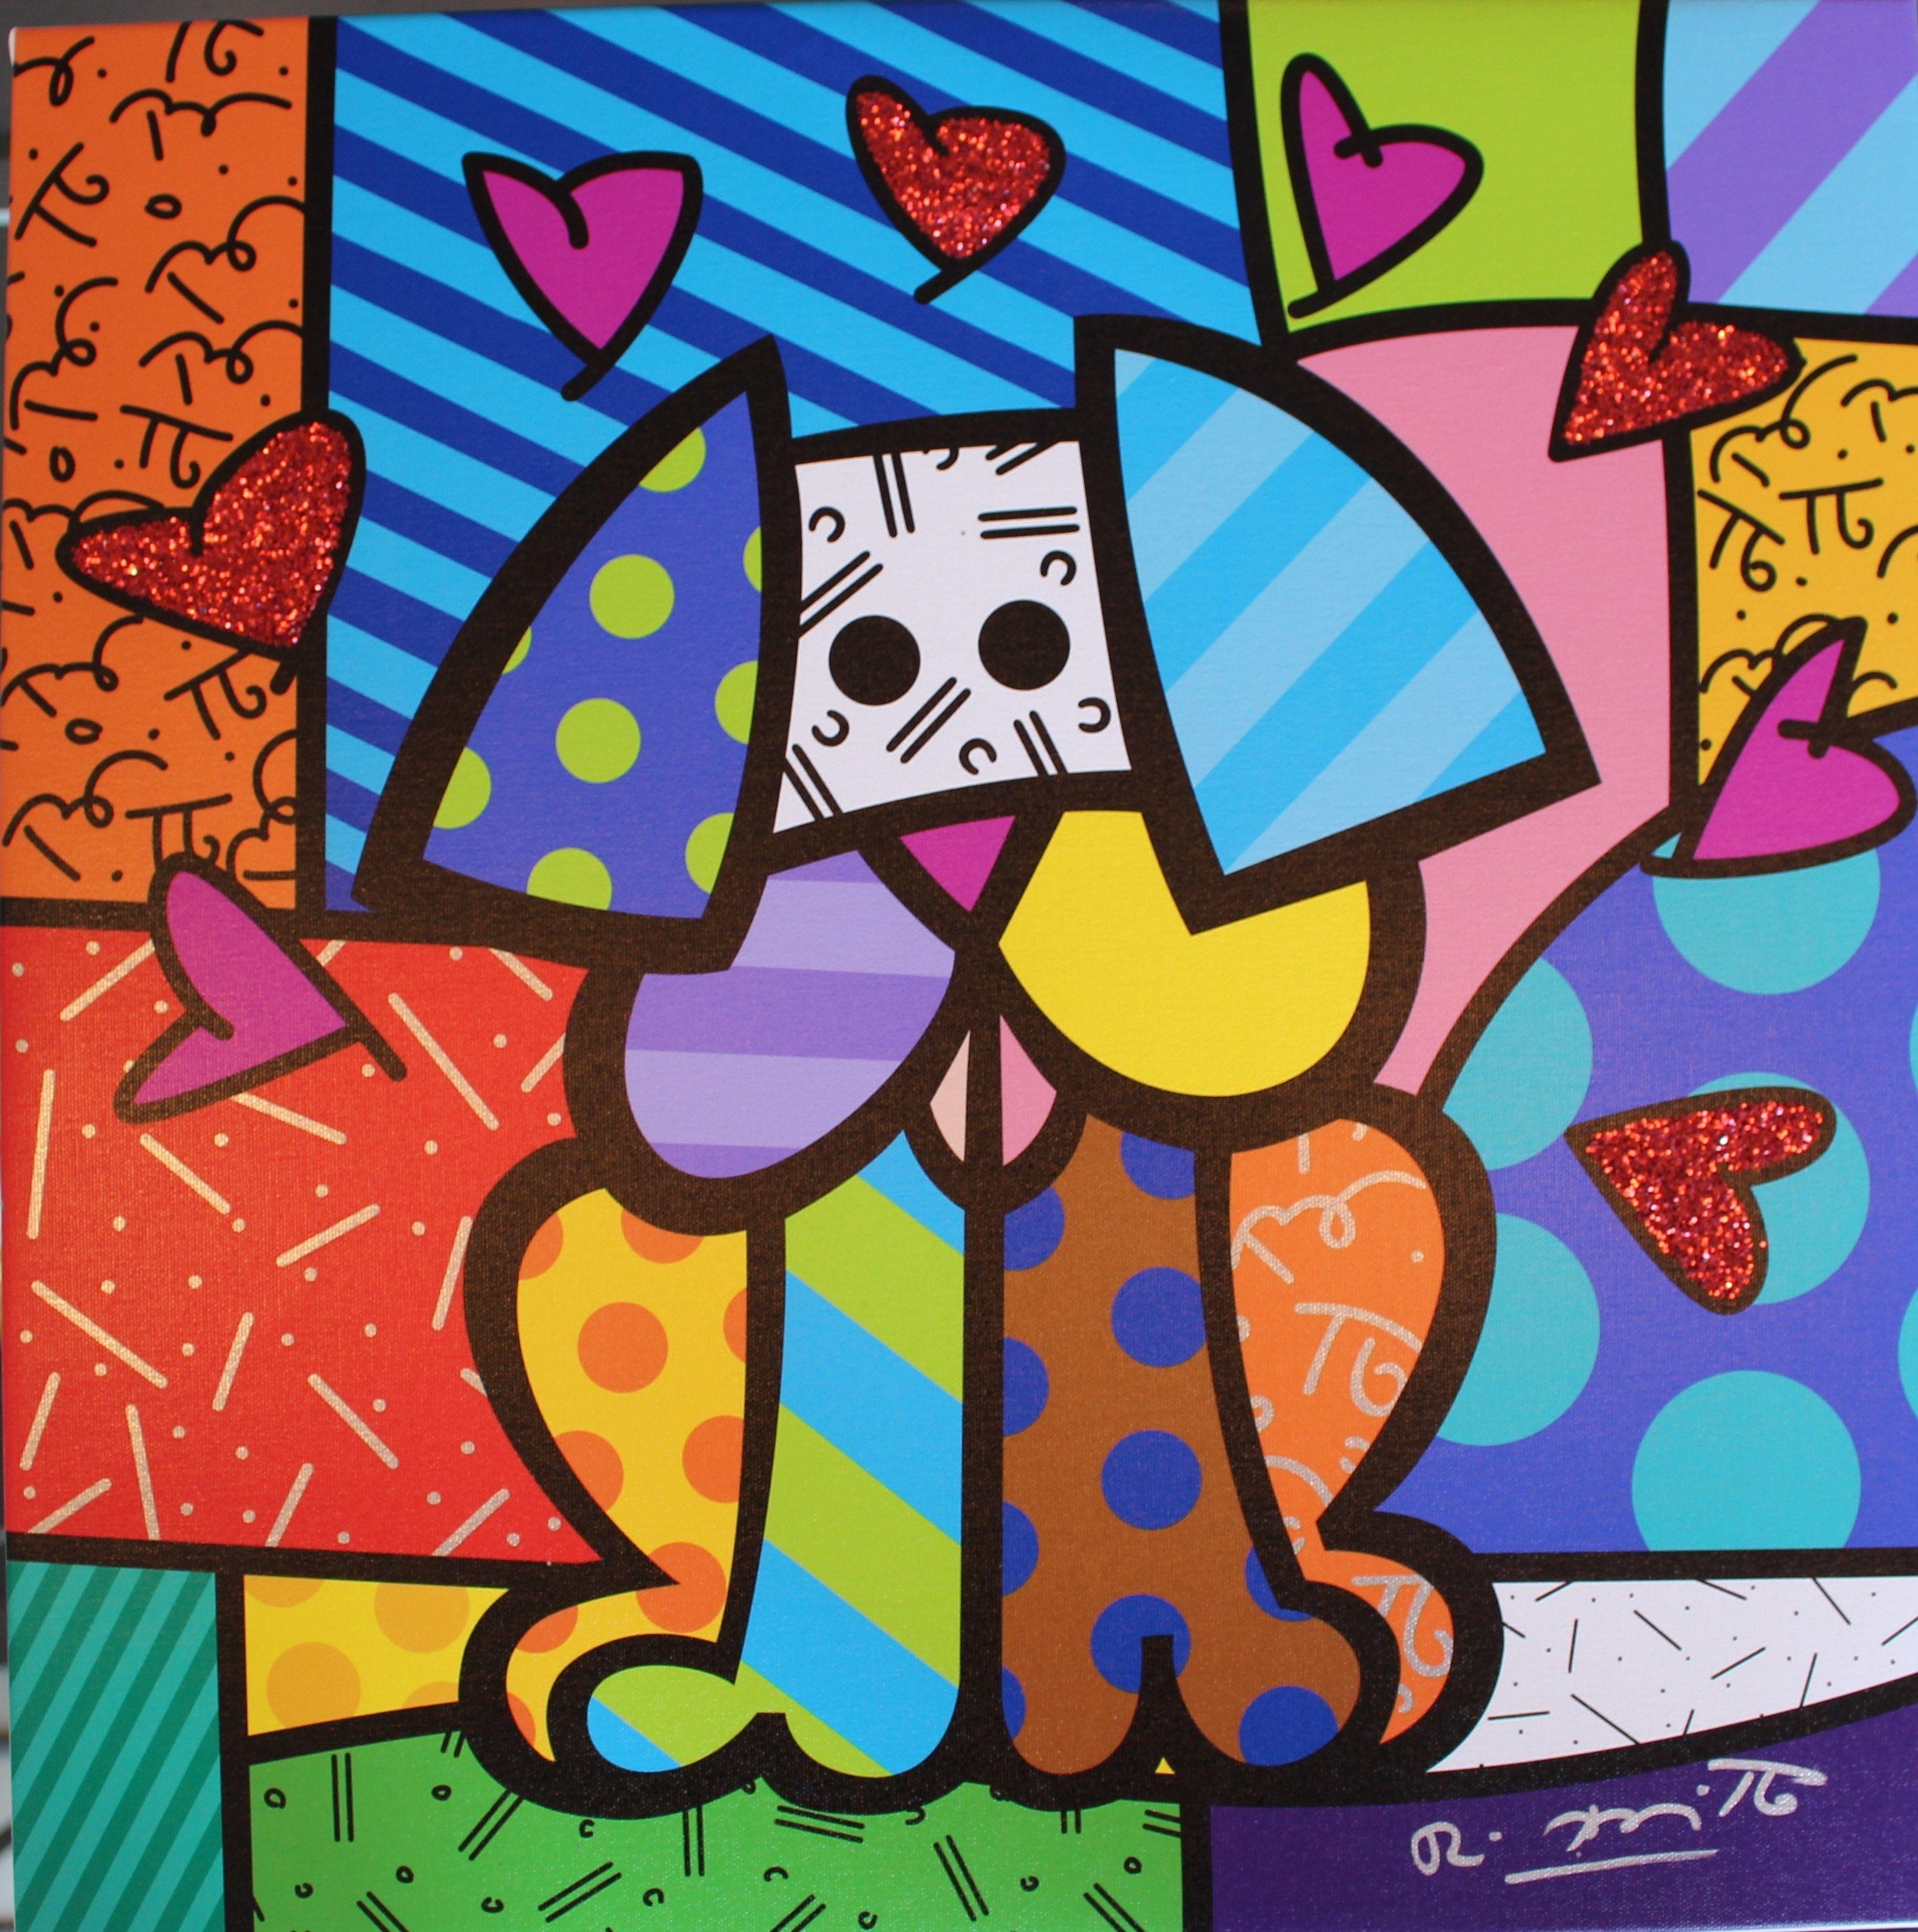 Romero Britto True Love Britto Art Colorful Art Romero Britto Art